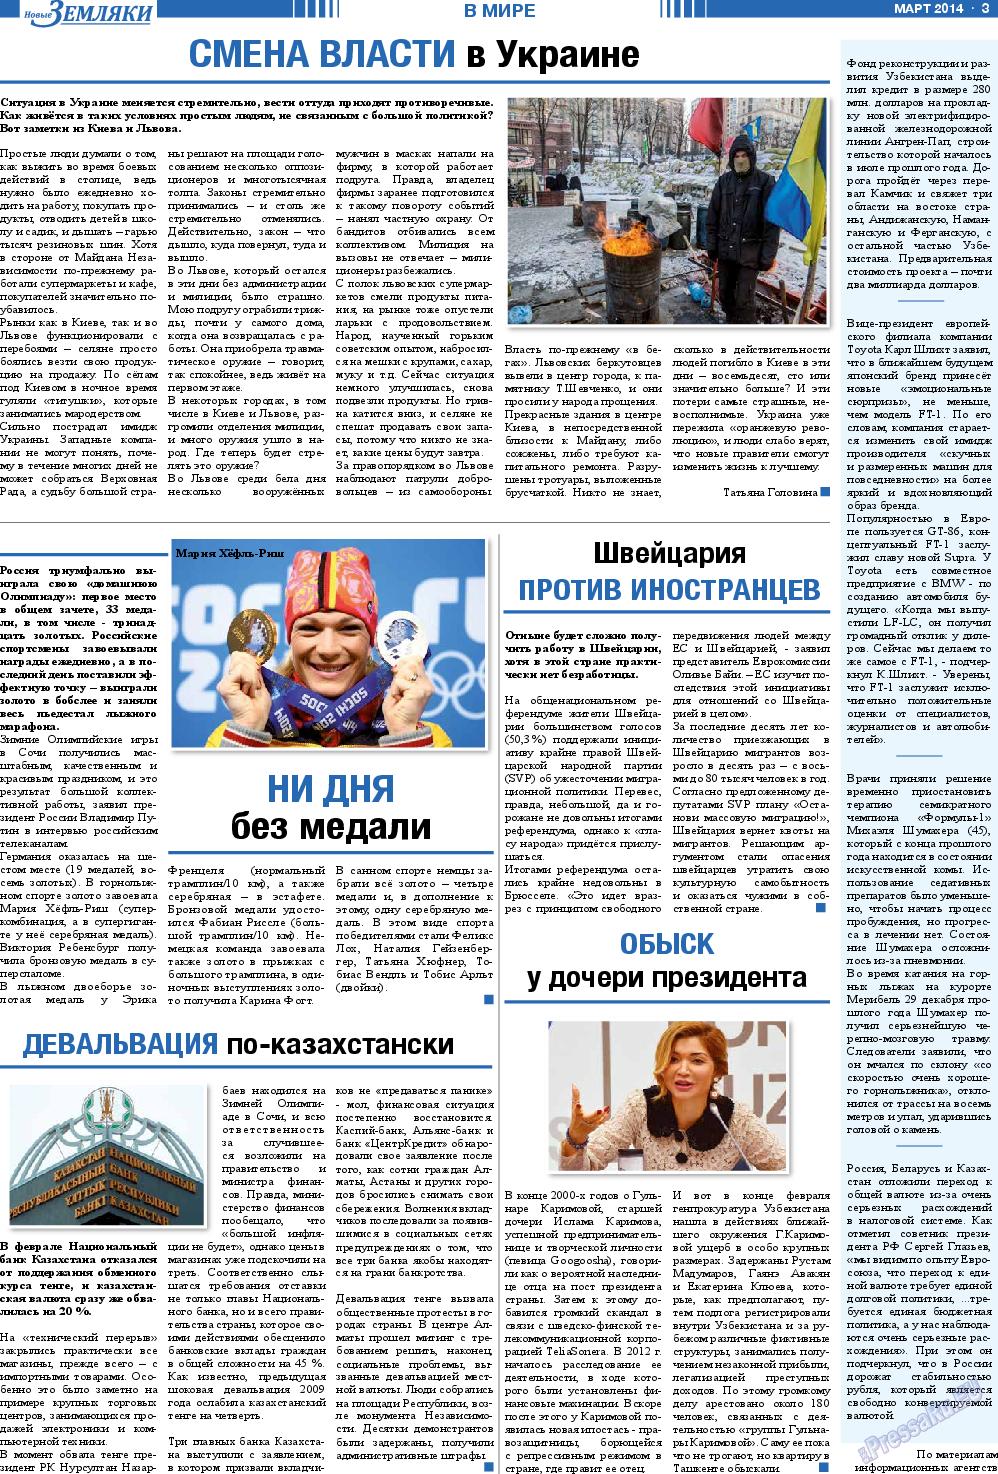 Новые Земляки (газета). 2014 год, номер 3, стр. 3